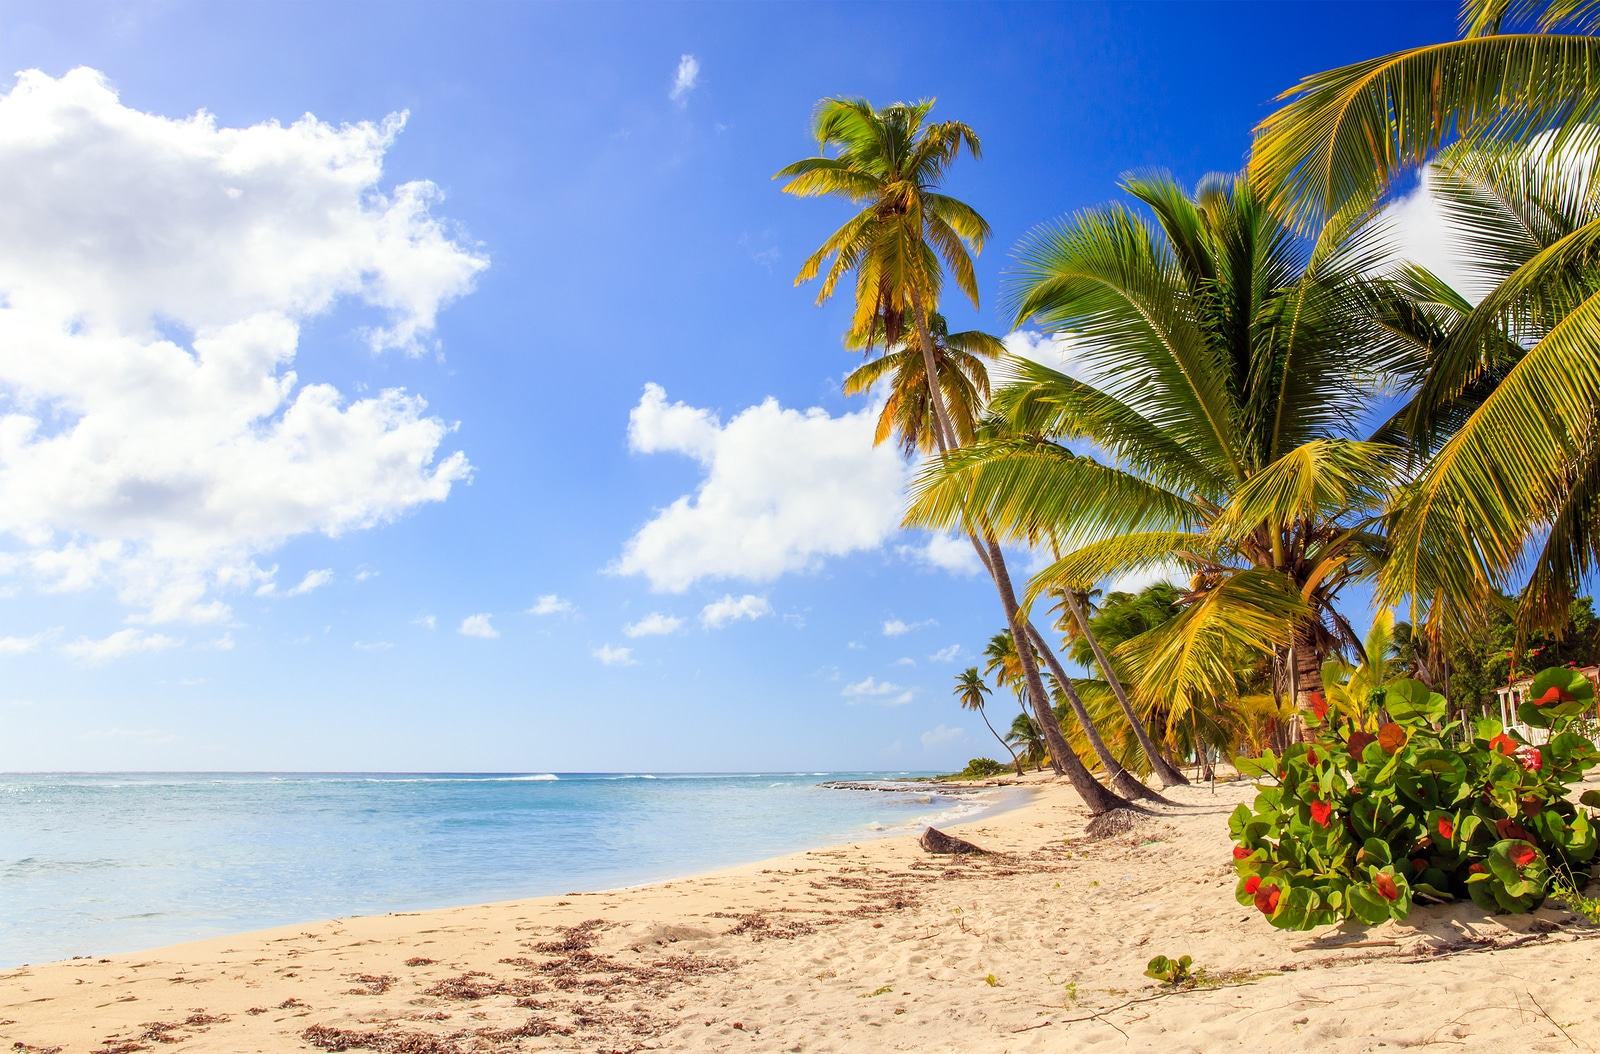 Asegúrese de tener todo listo para su viaje a la República Dominicana